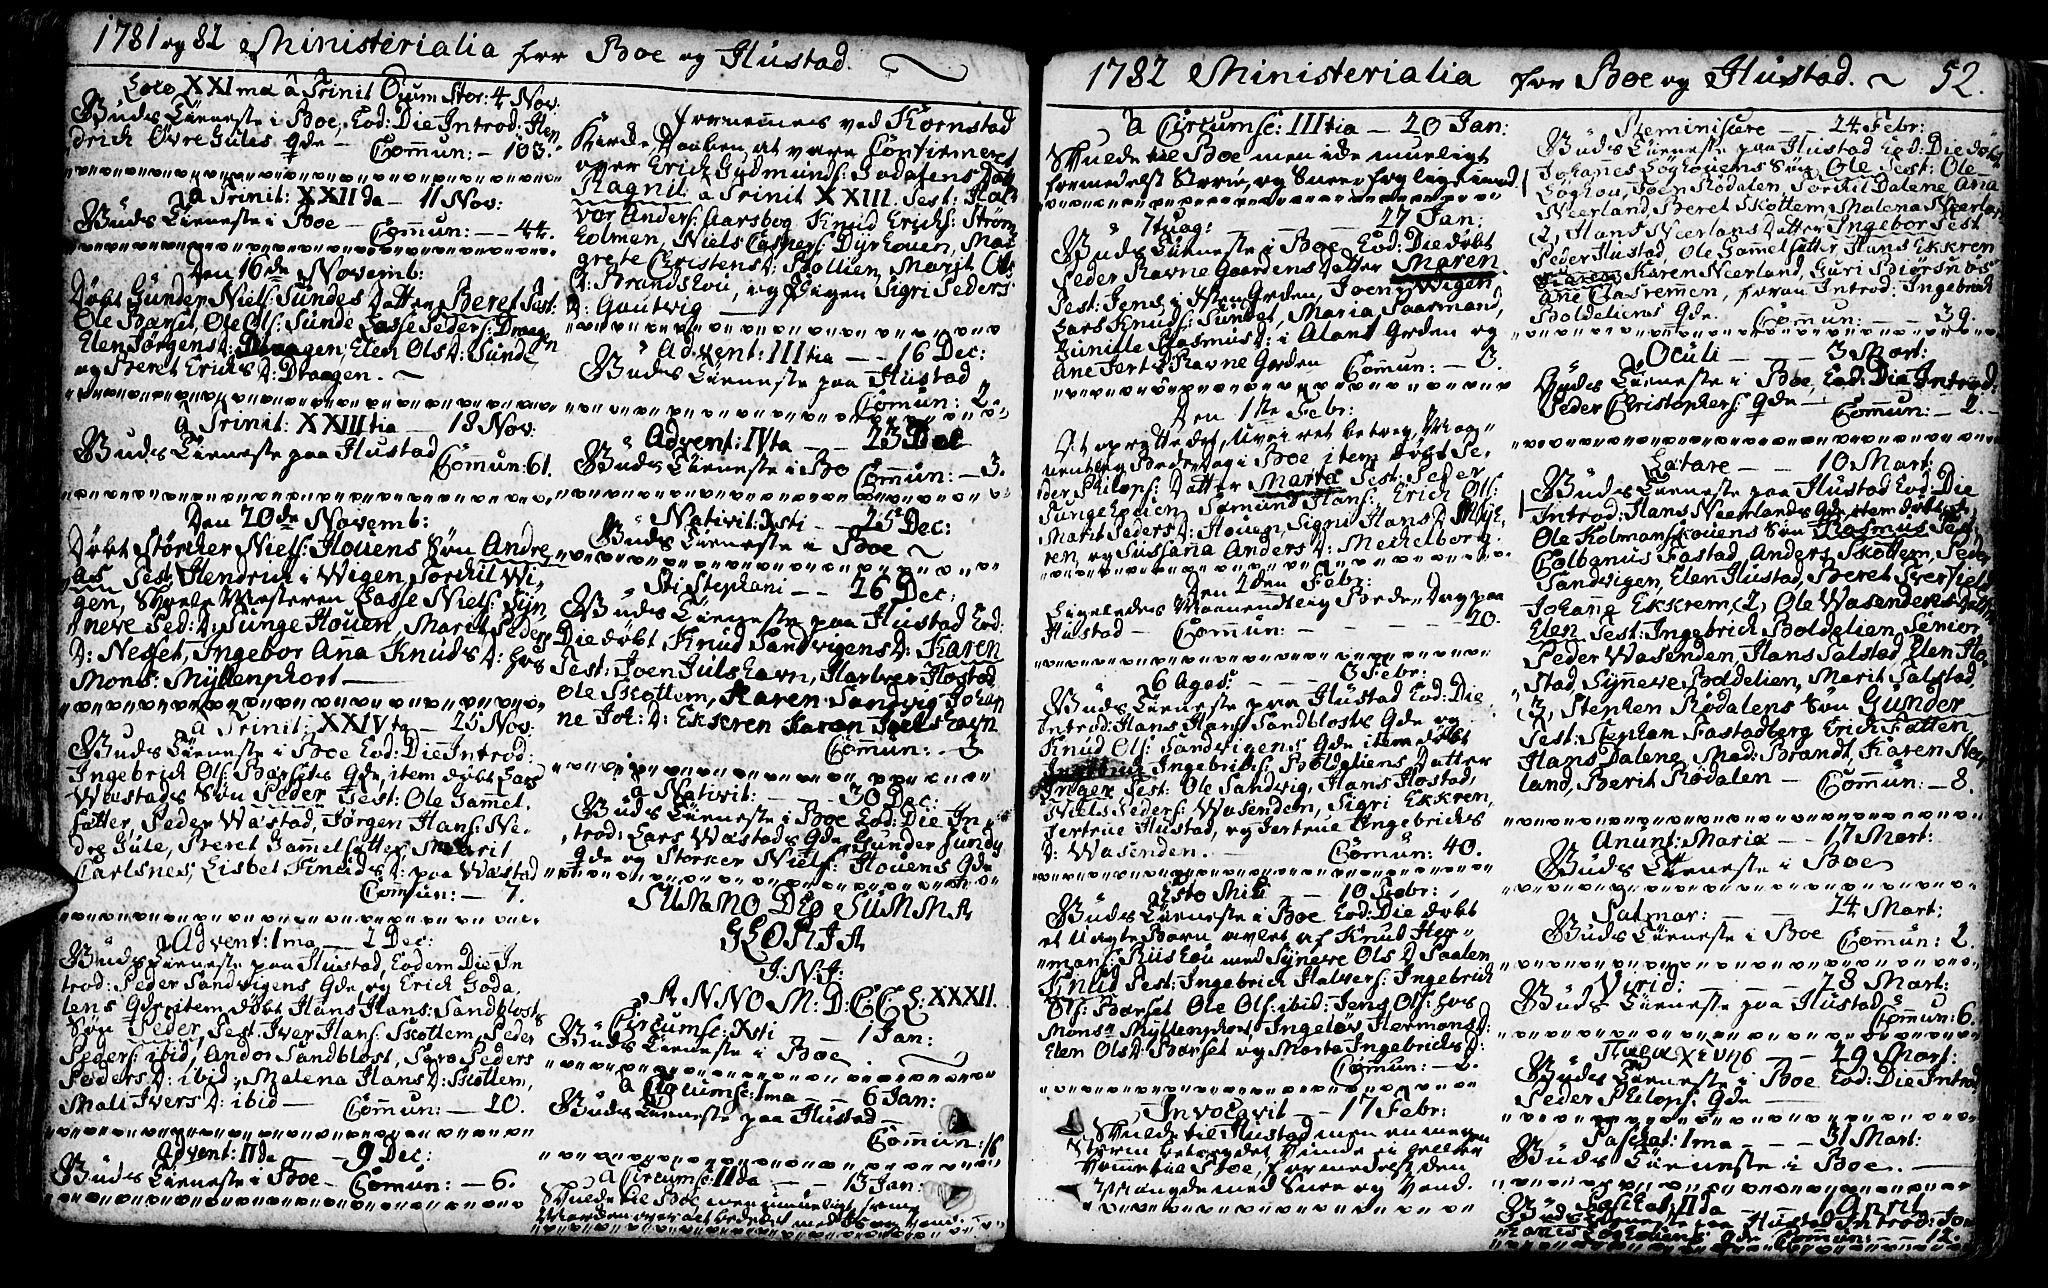 SAT, Ministerialprotokoller, klokkerbøker og fødselsregistre - Møre og Romsdal, 566/L0761: Ministerialbok nr. 566A02 /1, 1767-1817, s. 52